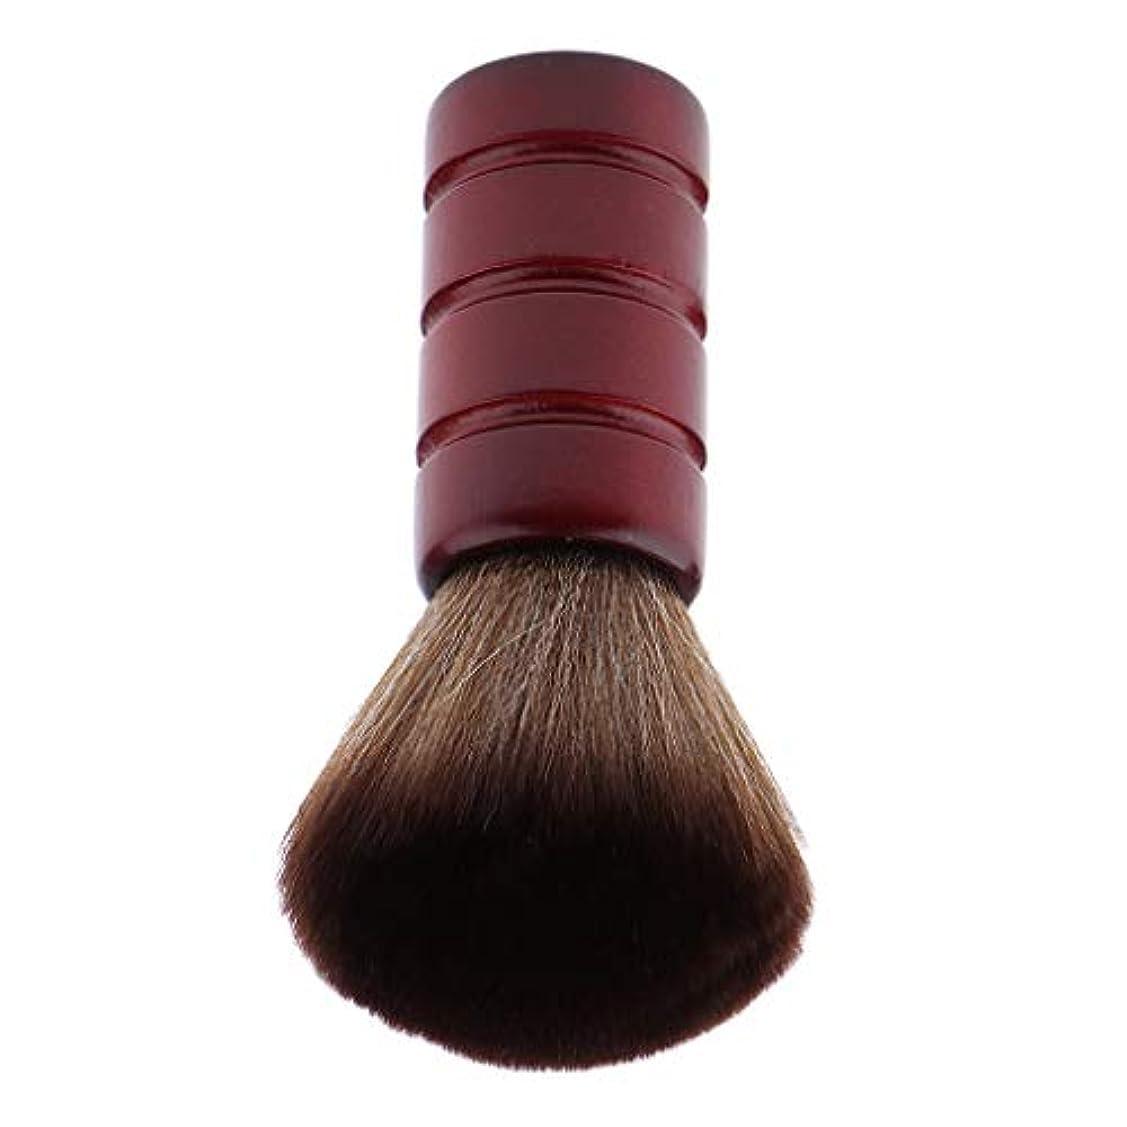 対立拘束するチェスをするバーバー ネックダスターブラシ 理髪 サロン 顔のダスターブラシ シェービング ヘアカット ブラシ